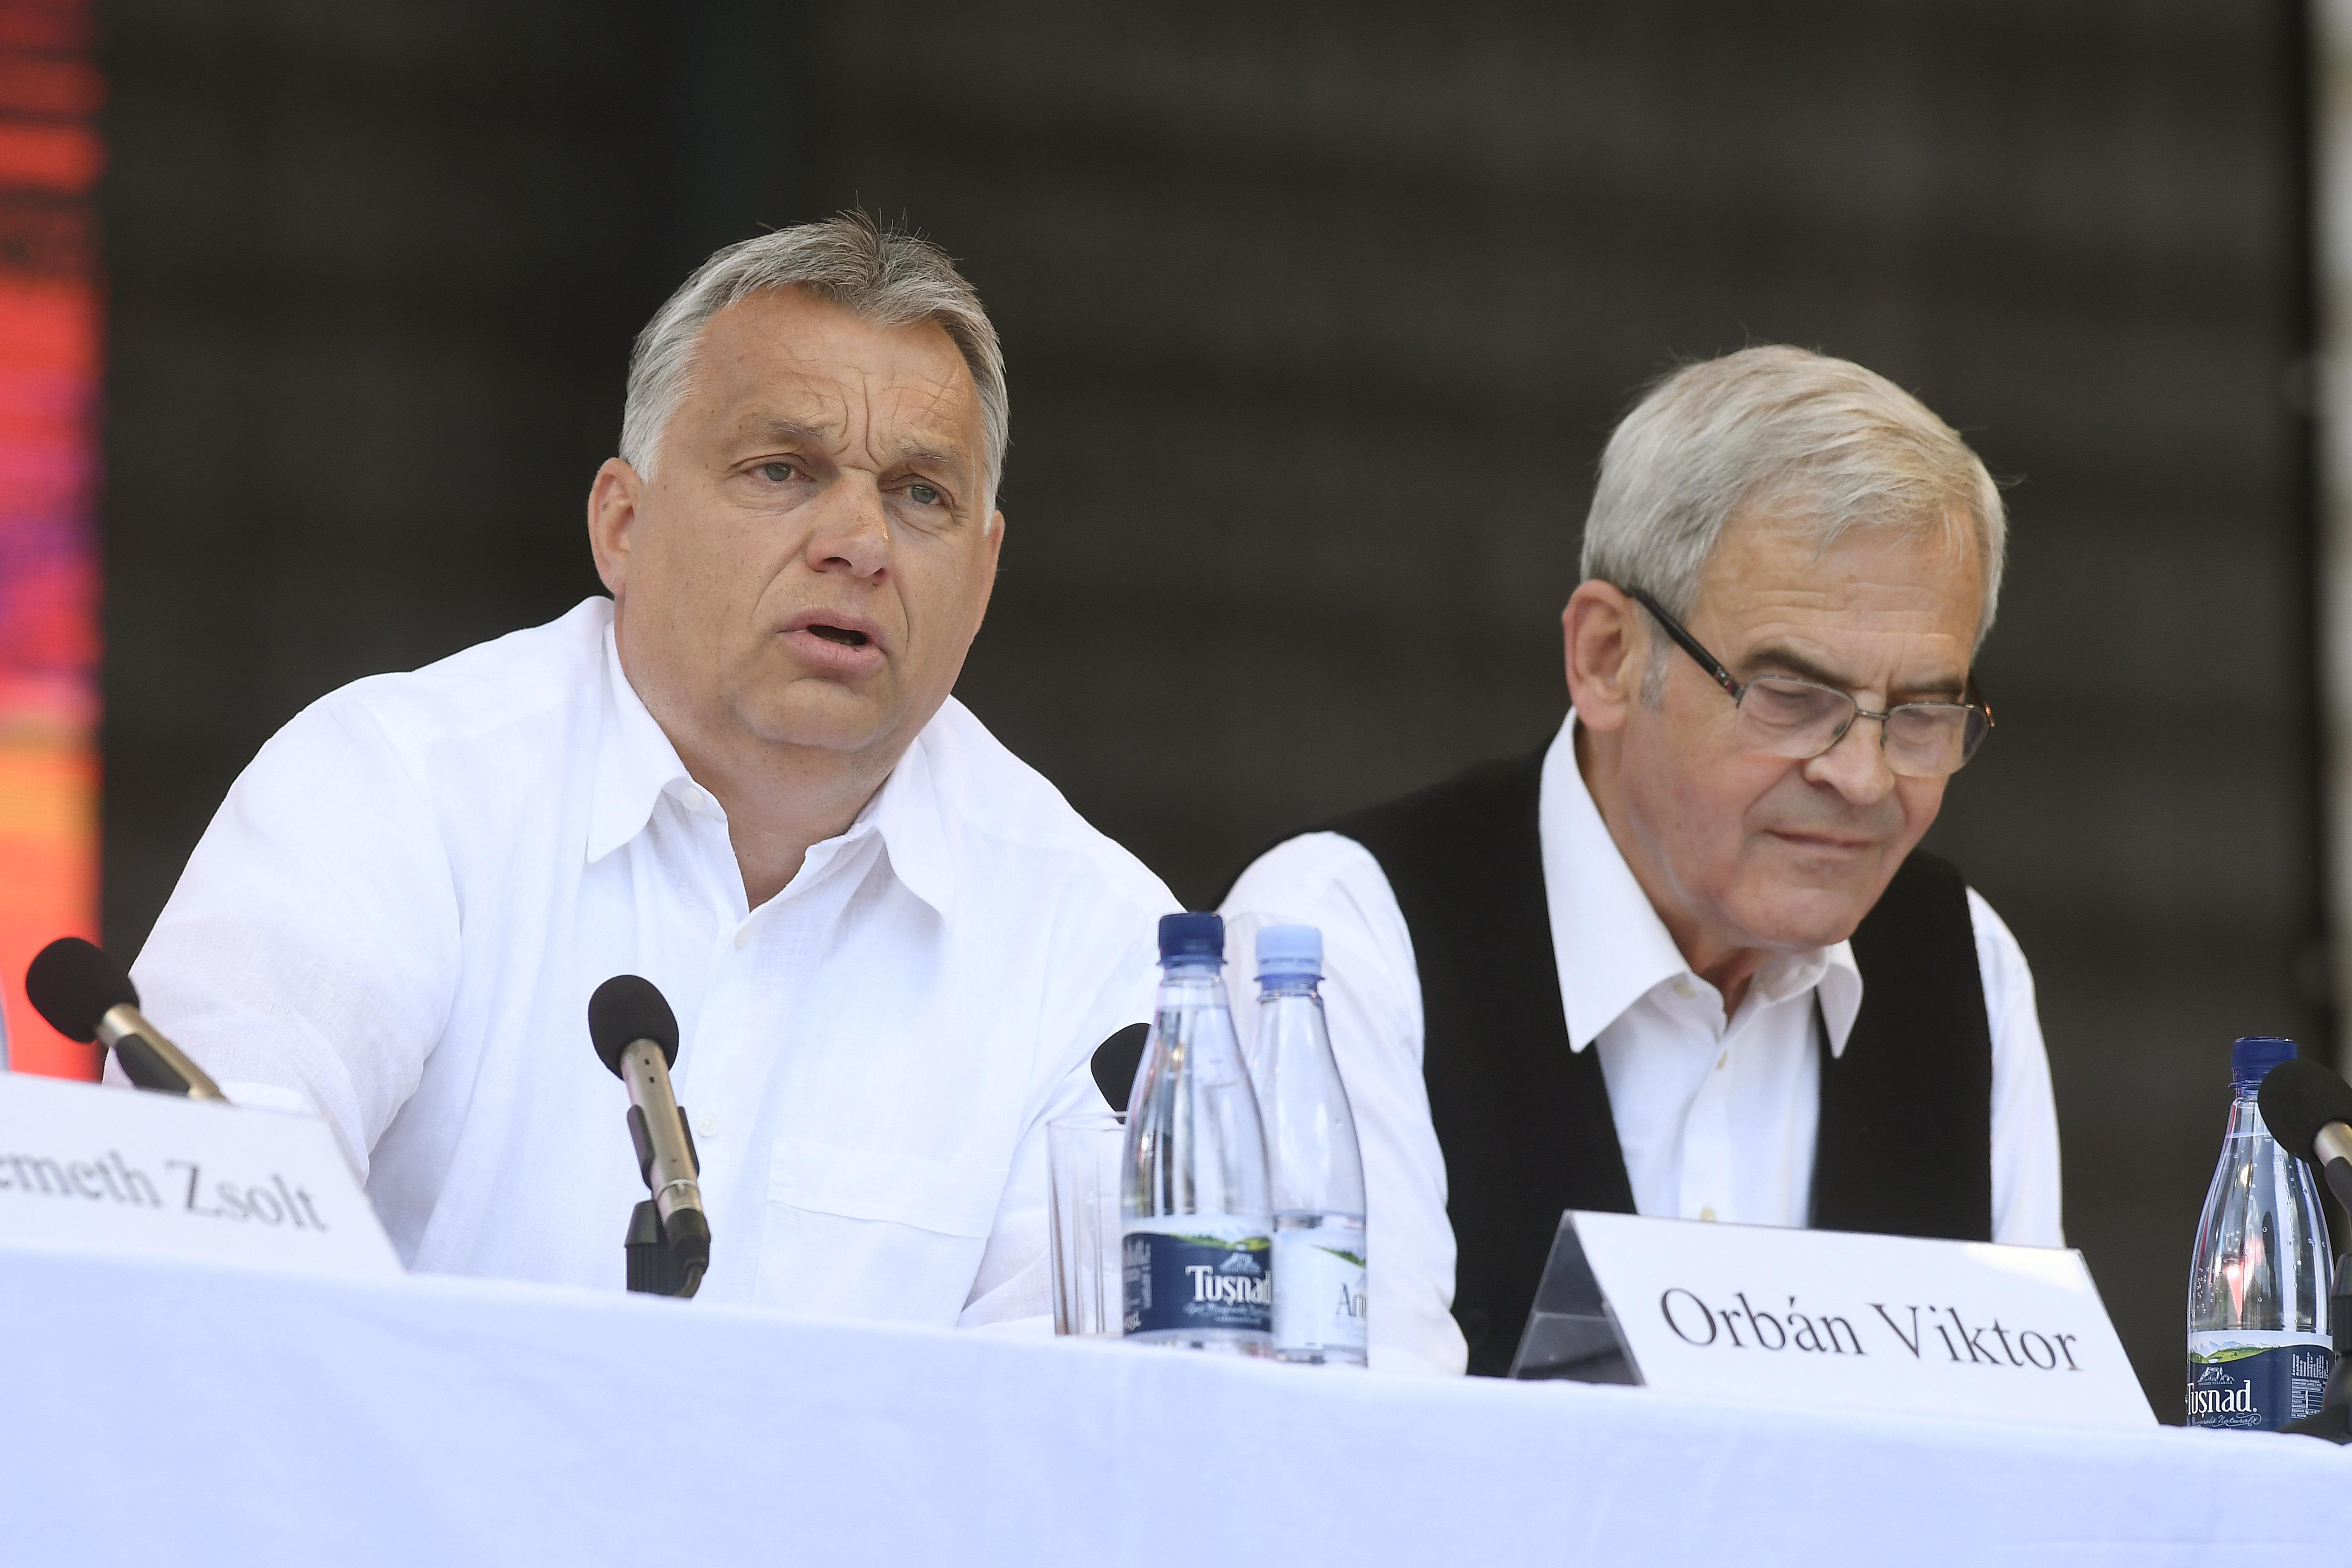 Presseschau: Wochenzeitungen zur programmatischen Rede Orbáns in Siebenbürgen post's picture